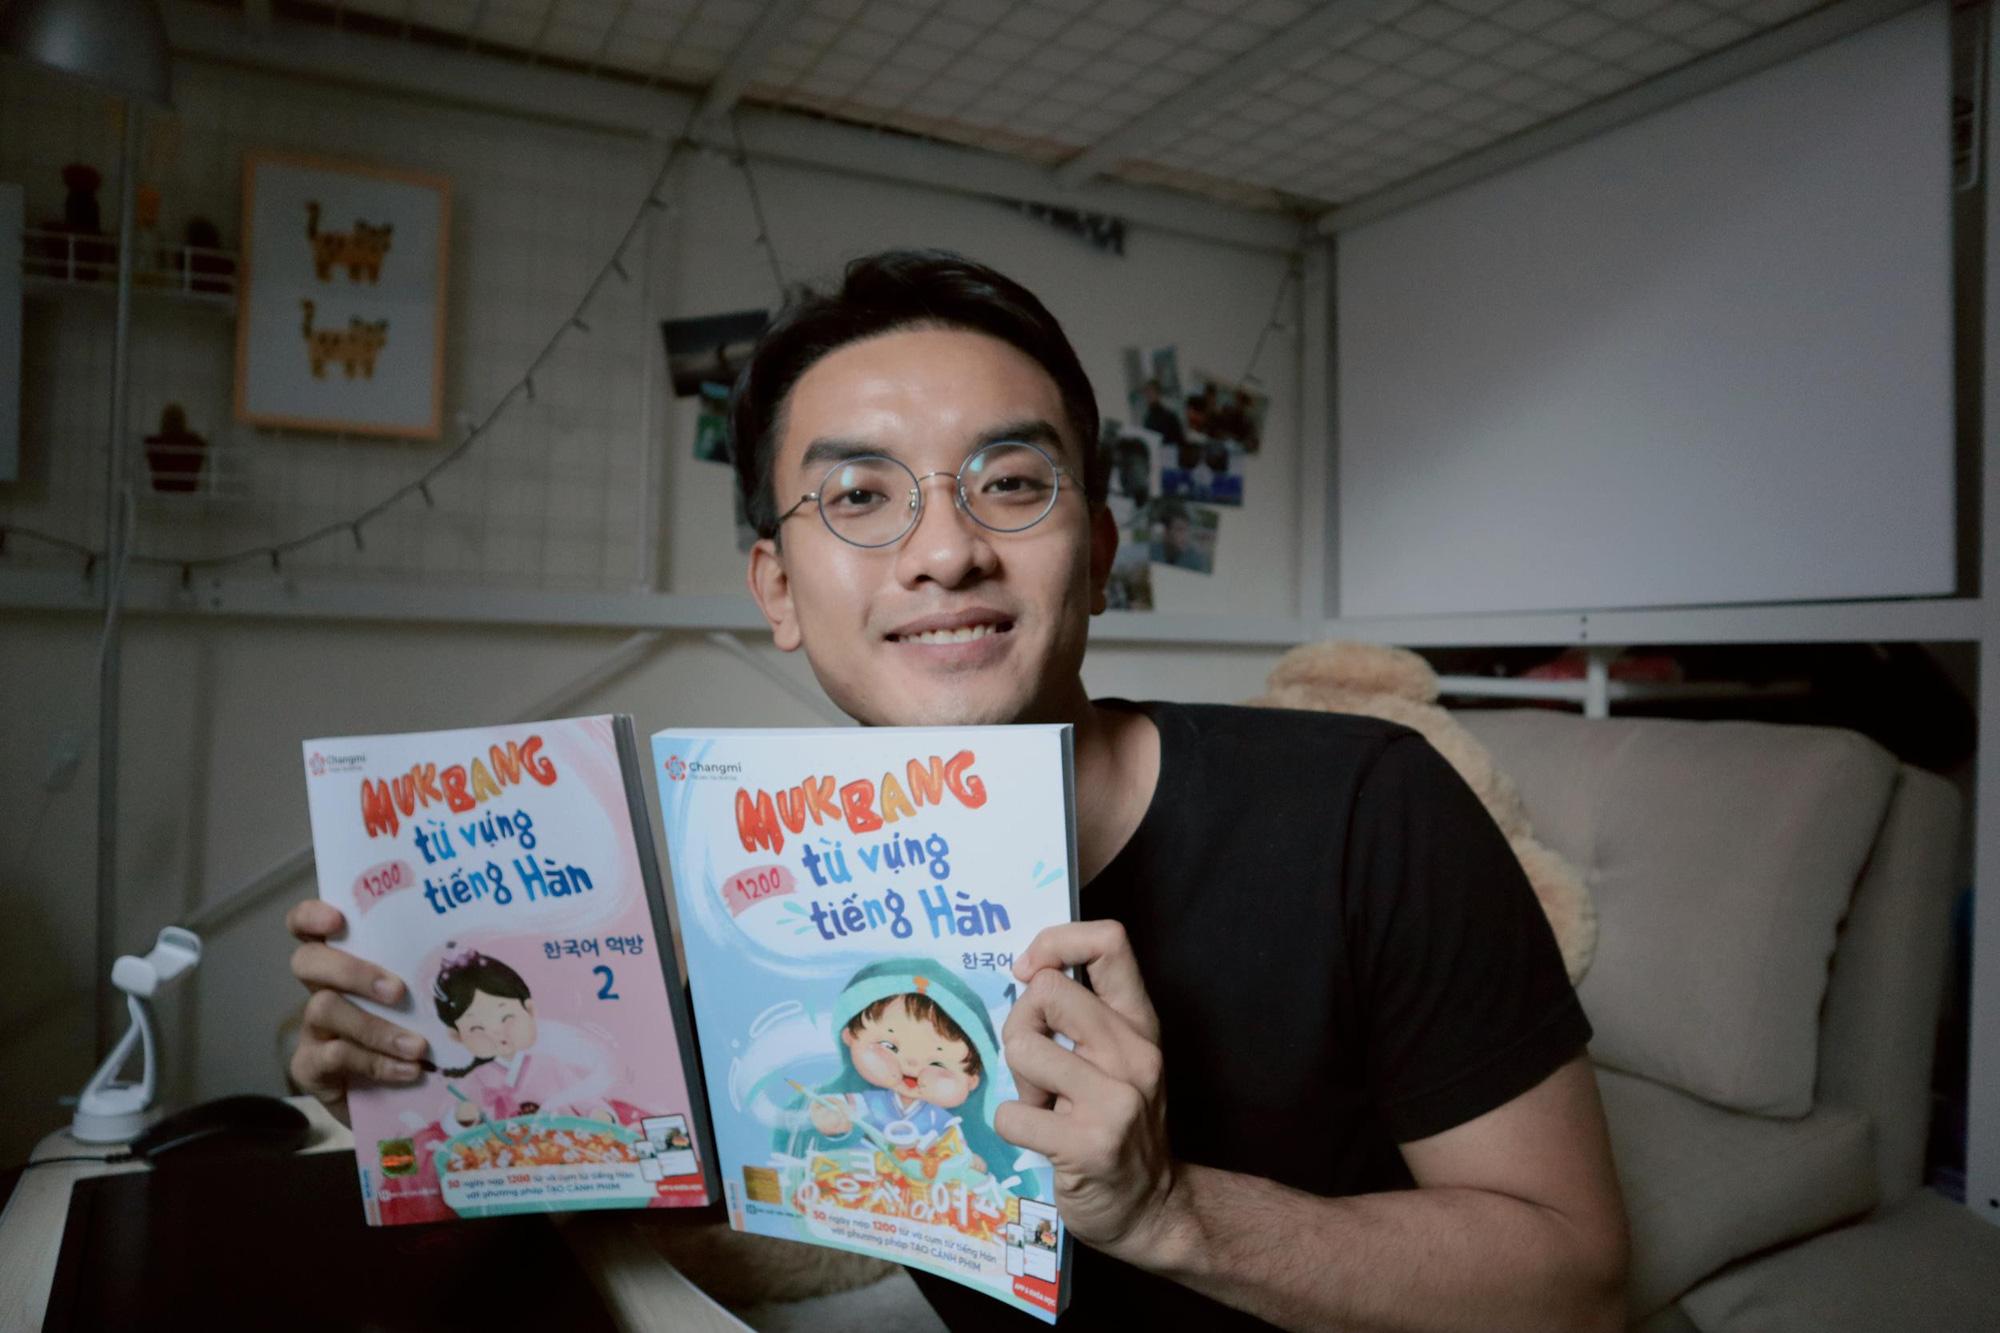 Mei Chan, A Síng, Jang Hongan bật mí bí quyết giúp bạn học 1200 từ vựng tiếng Hàn trong 50 ngày - Ảnh 2.